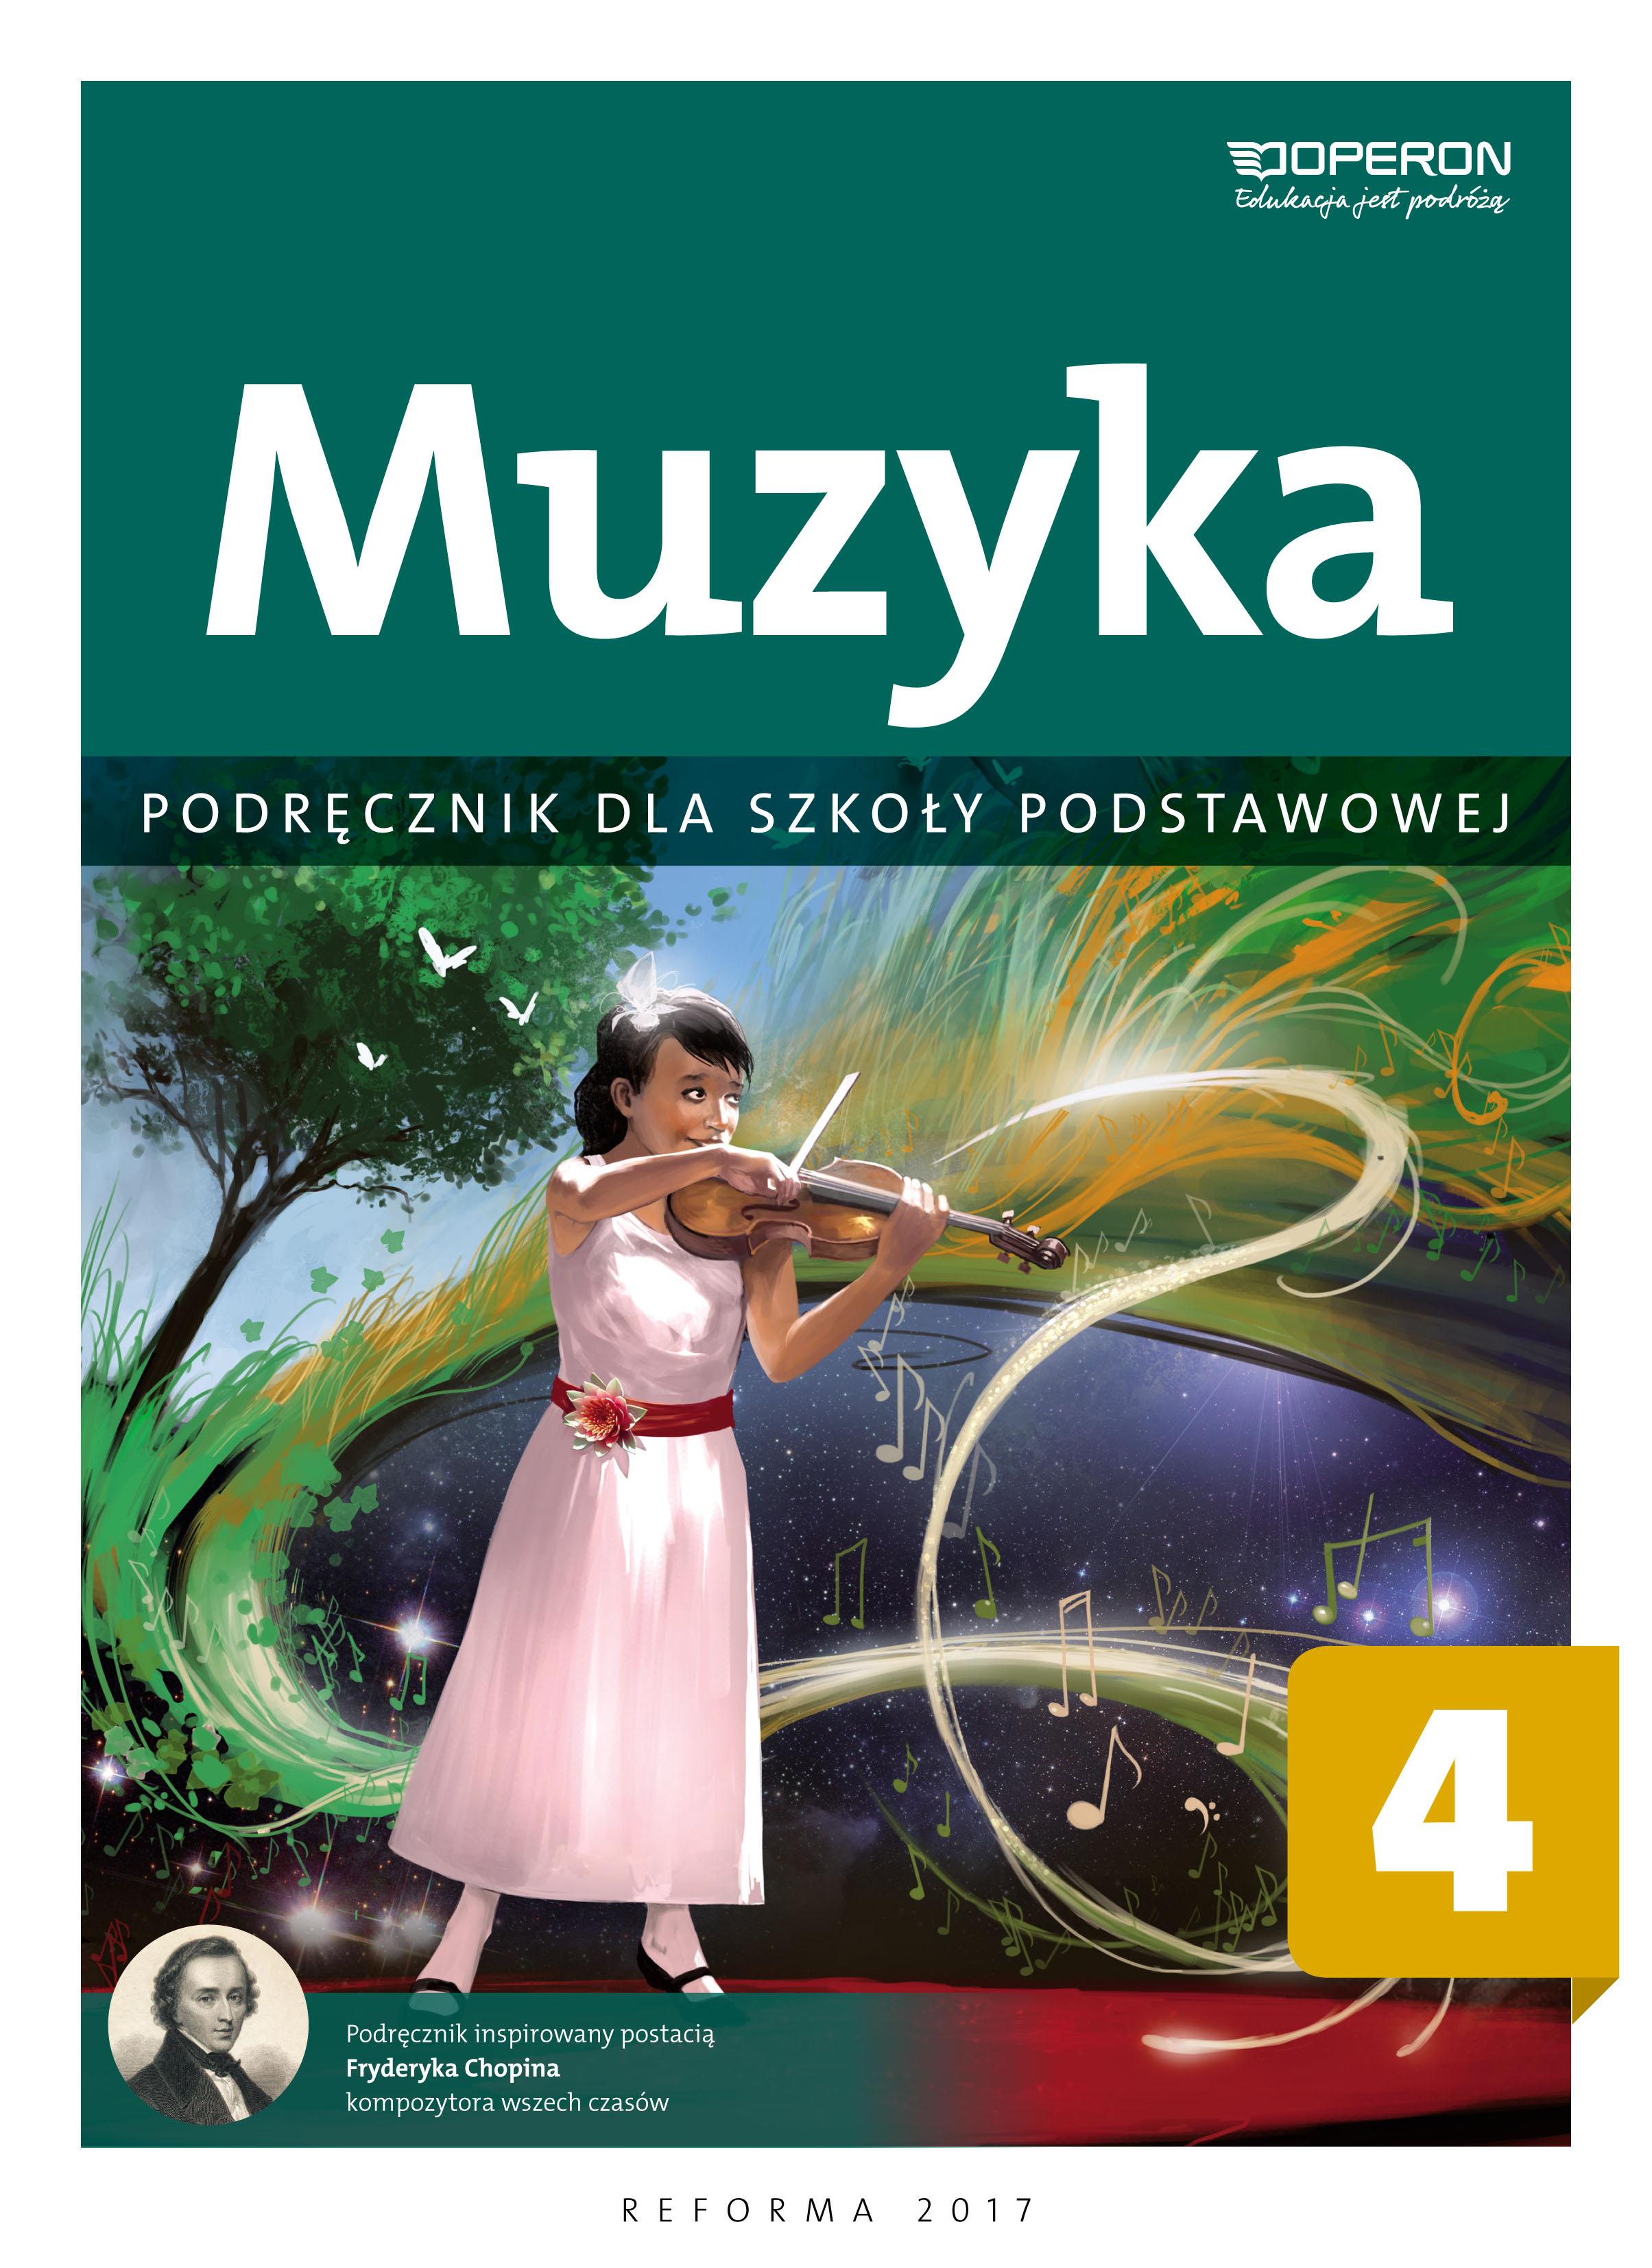 Muzyka 4. Podręcznik dla szkoły podstawowej